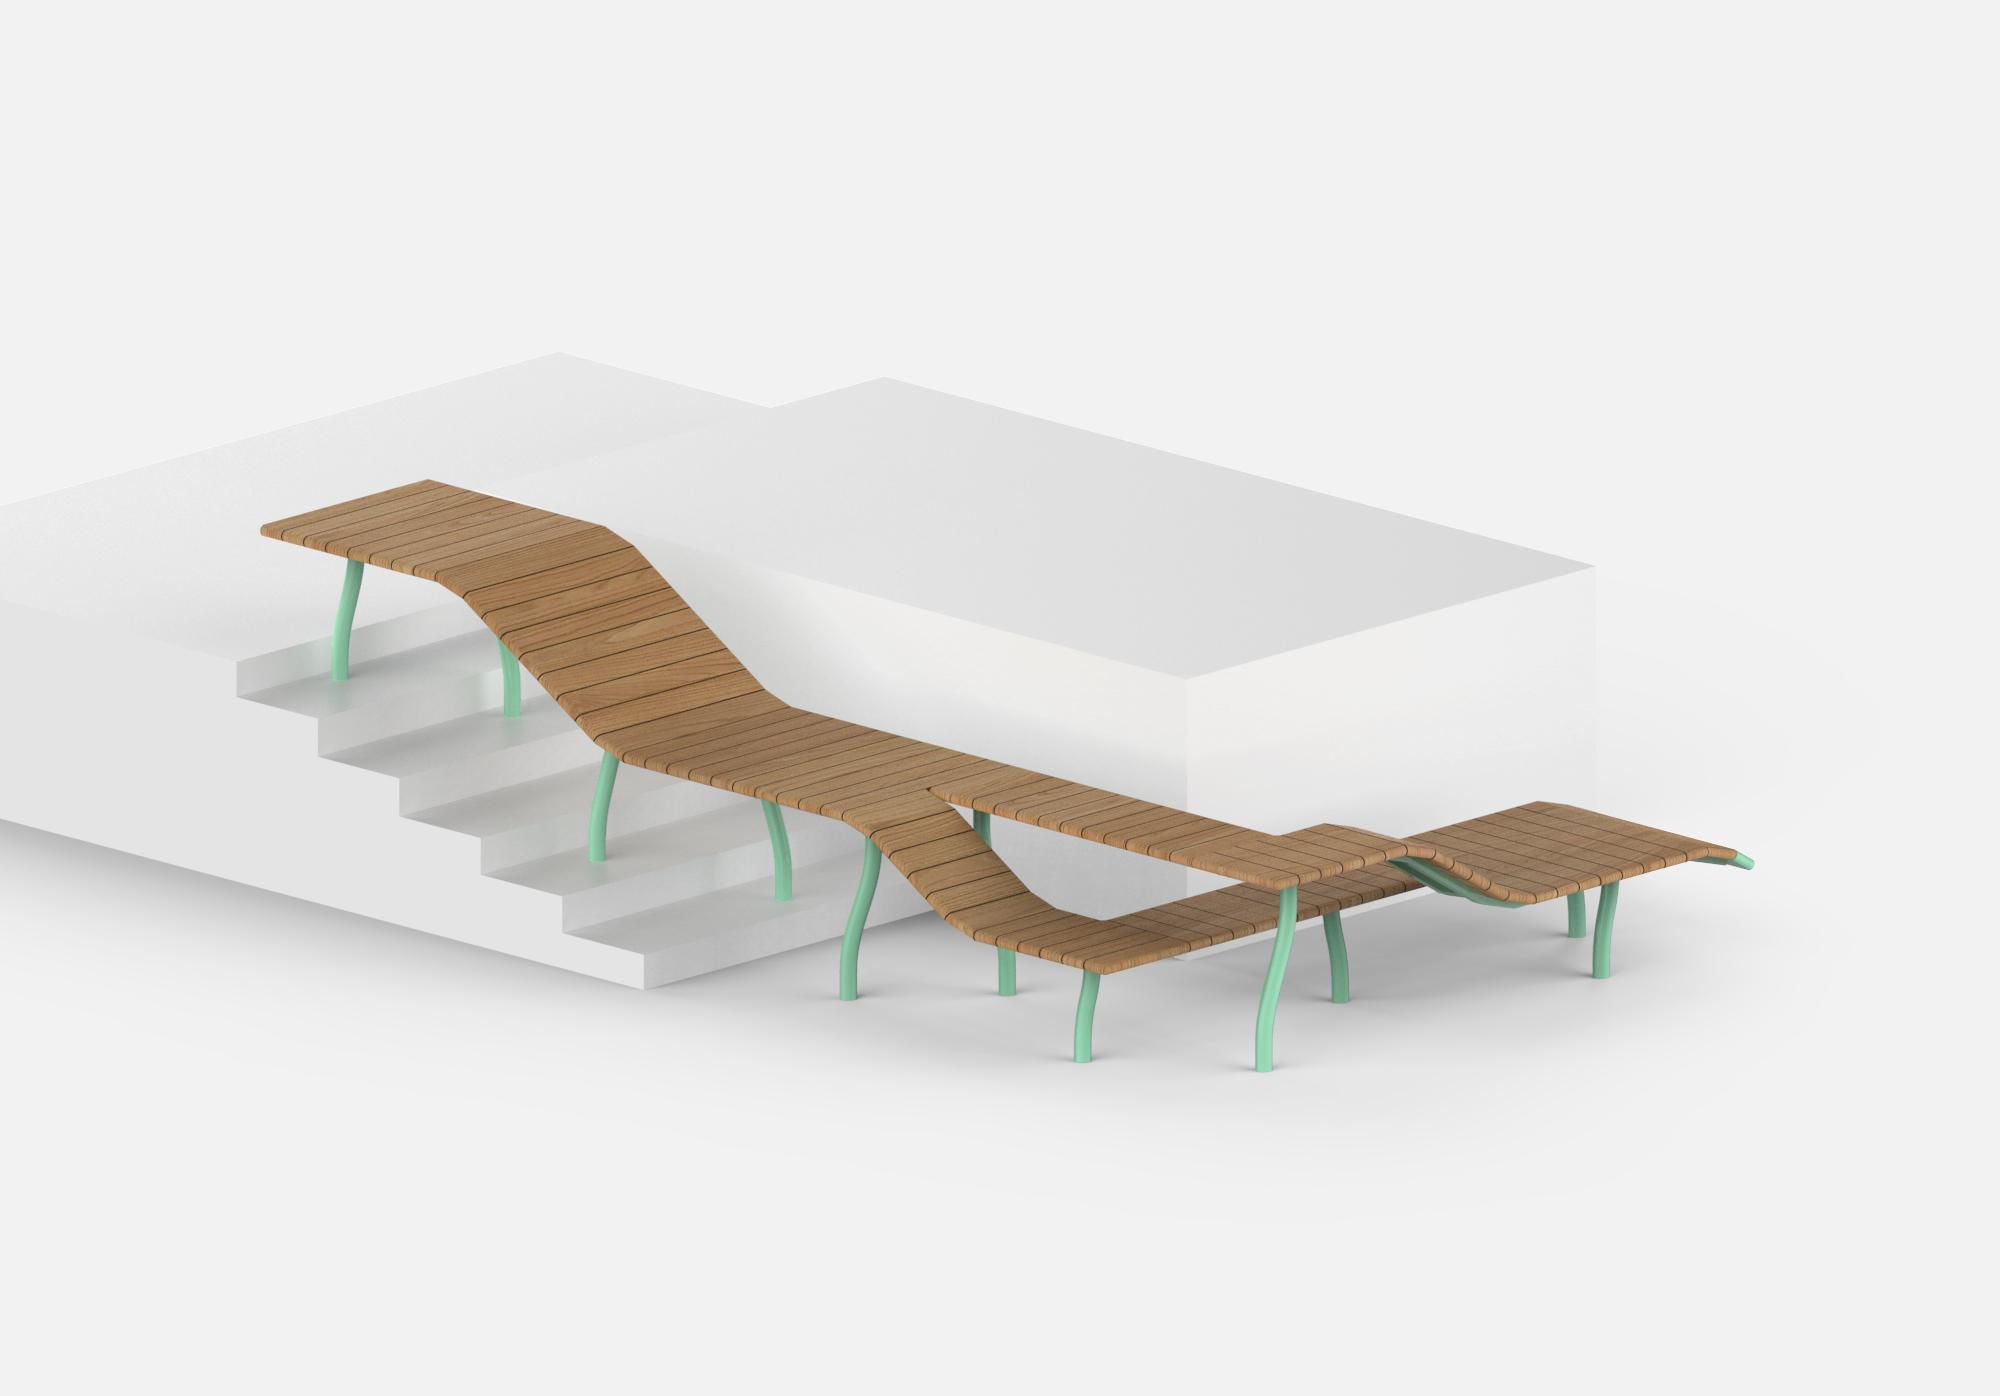 Prototype de Pierre Charrié pour la biennale de la création de mobilier urbain 2019